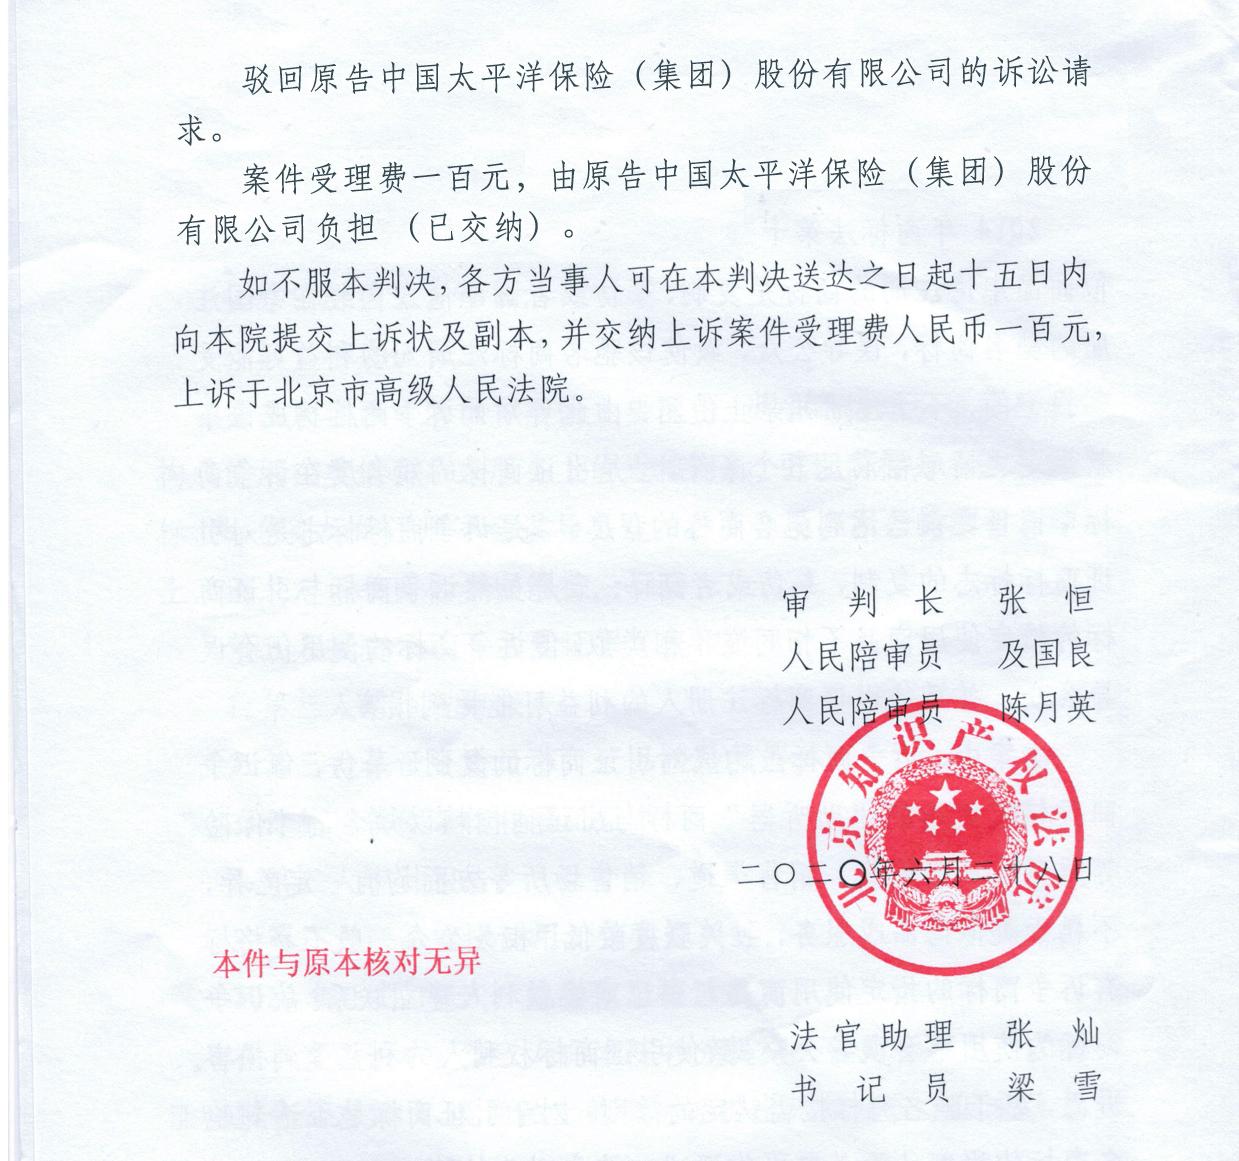 """深圳瑞安康""""太平洋保险CPIC及图""""无效宣告行政诉讼案,中国太平洋保险公司的诉讼请求被驳回,委托人的商标使用权得以维持"""